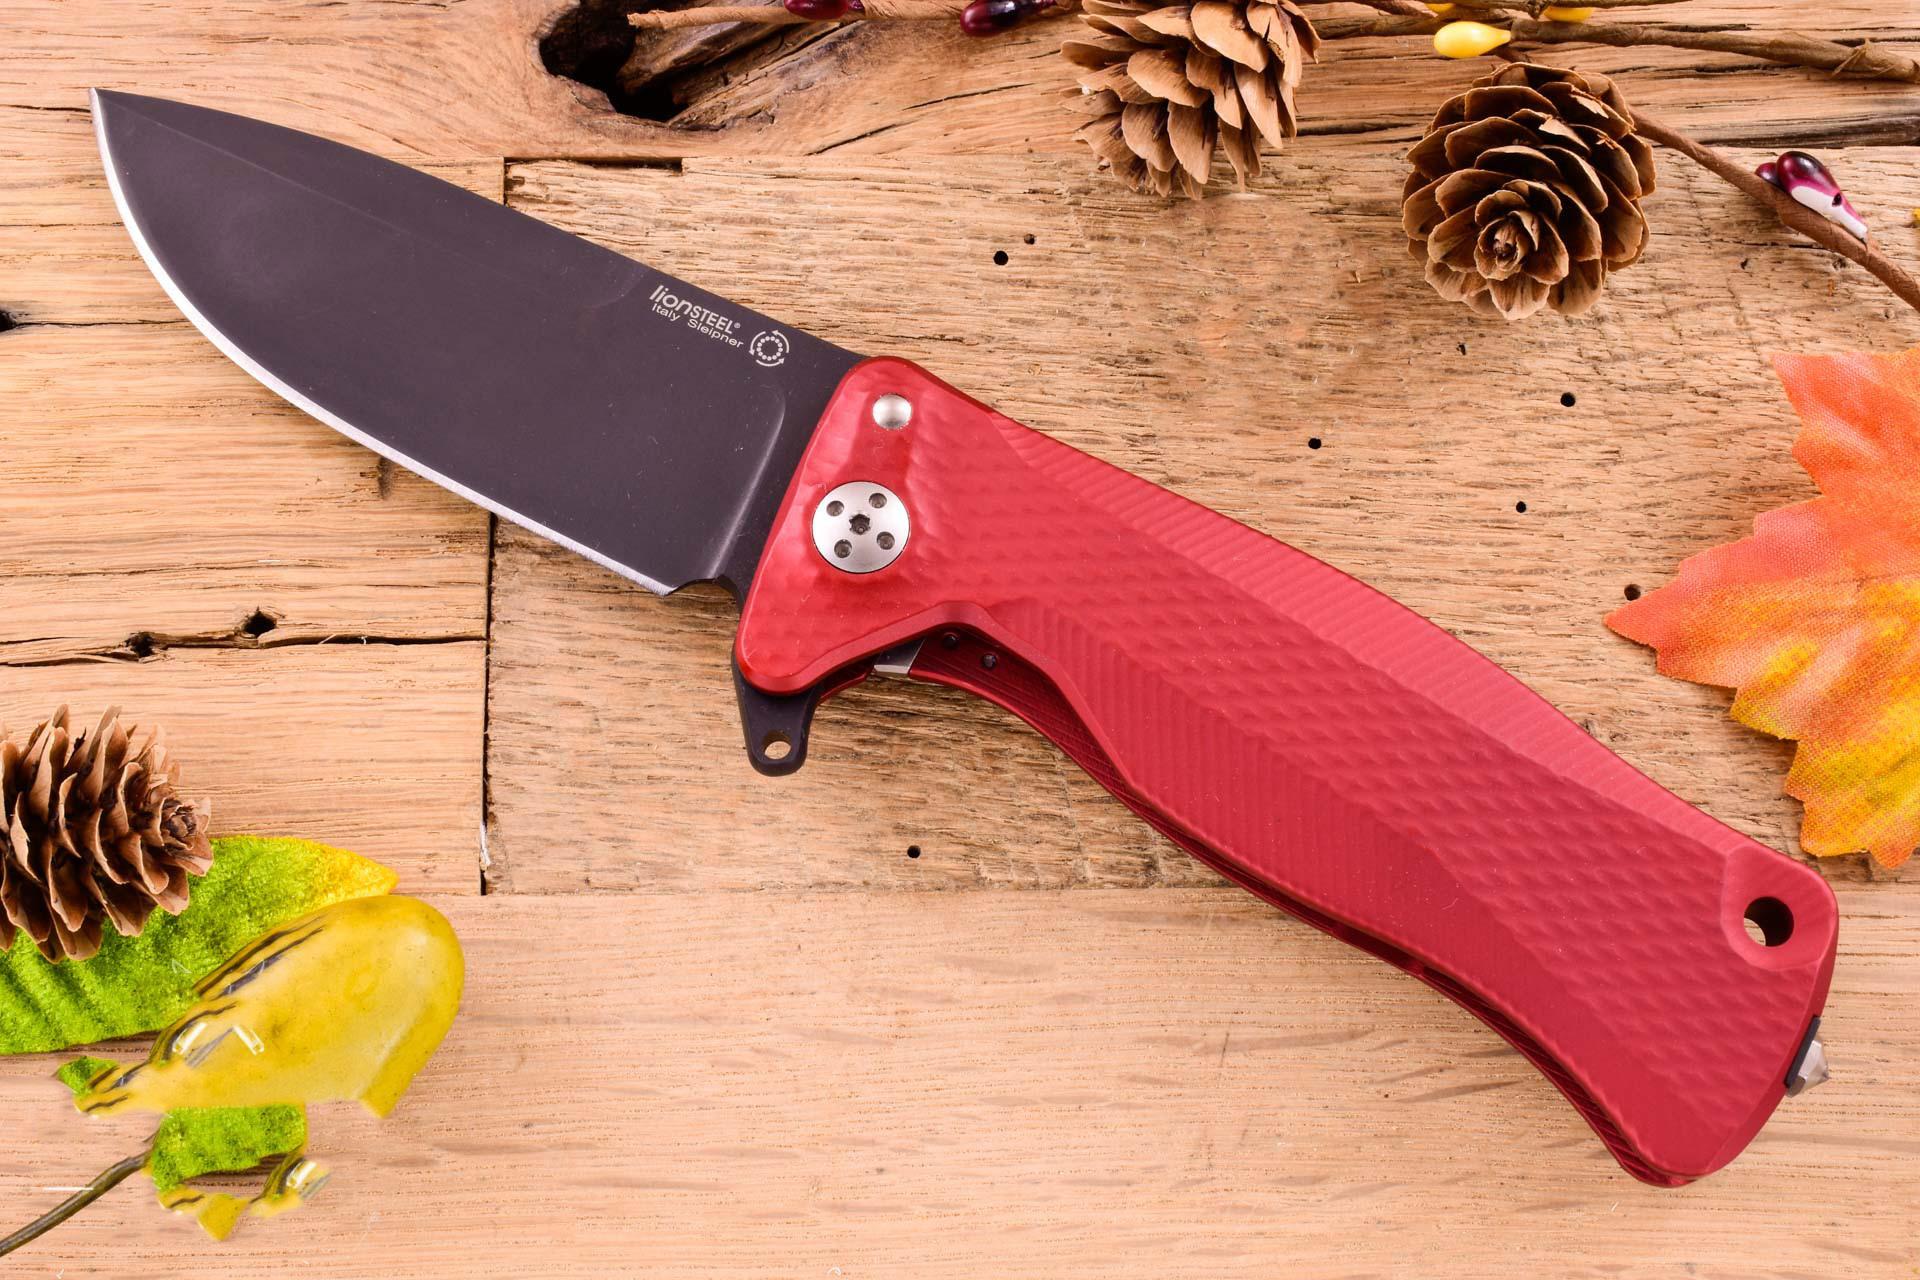 Фото 5 - Нож складной LionSteel SR11A RB RED, сталь Uddeholm Sleipner® Black Finish, рукоять алюминий (Solid®), красный от Lion Steel